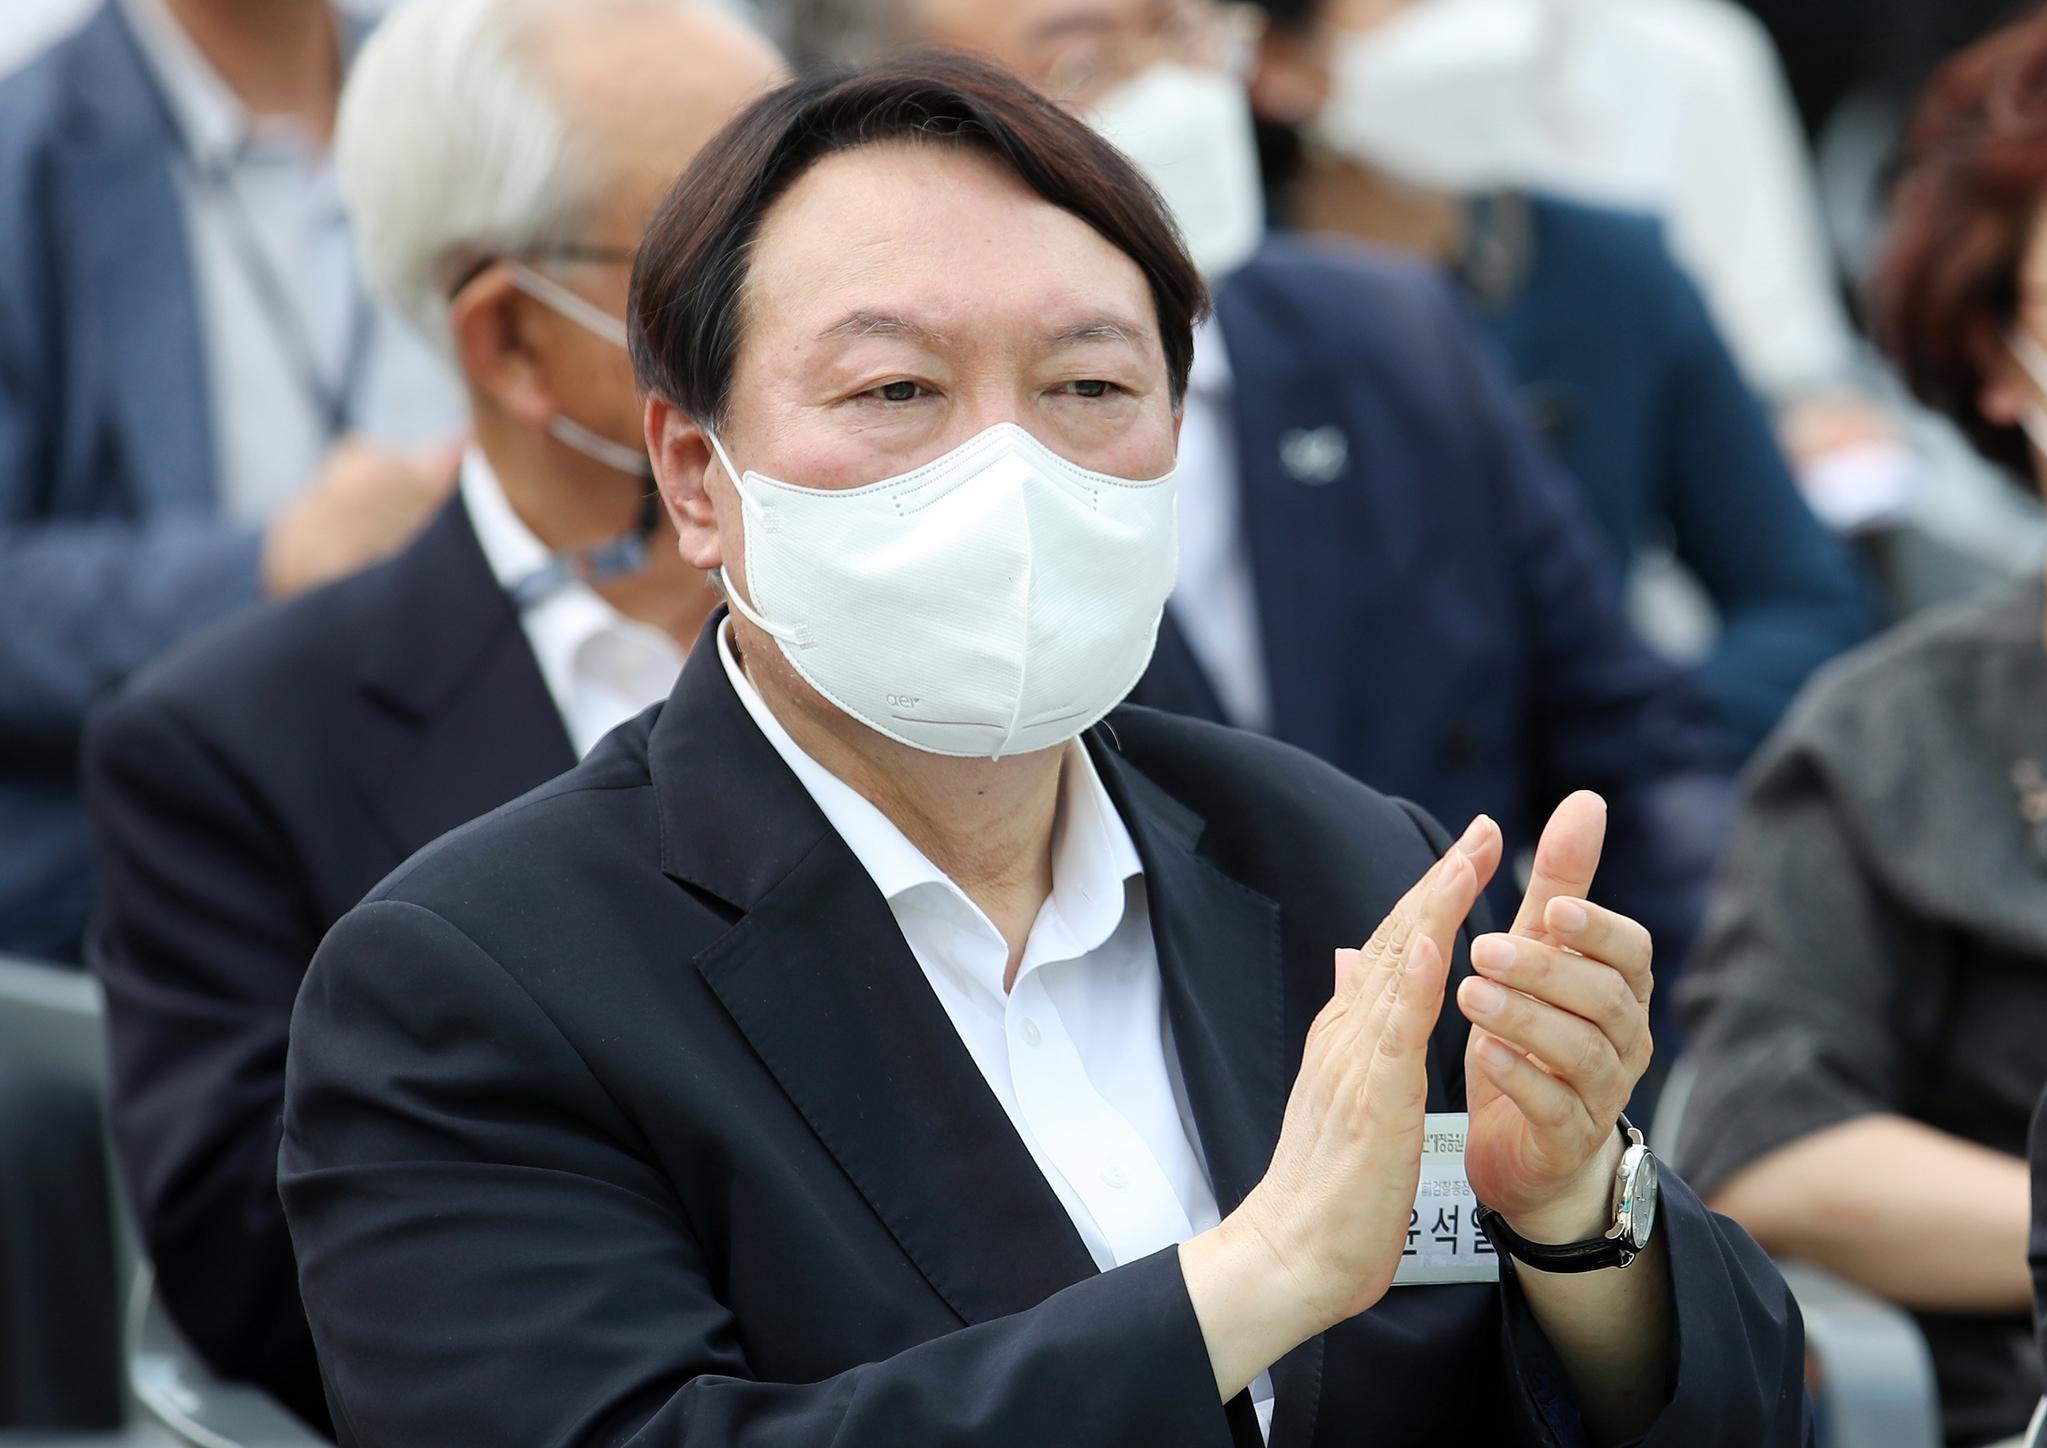 윤석열 전 검찰총장이 9일 오후 서울 남산예장공원 개장식에 참석해 박수를 치고 있다. 연합뉴스